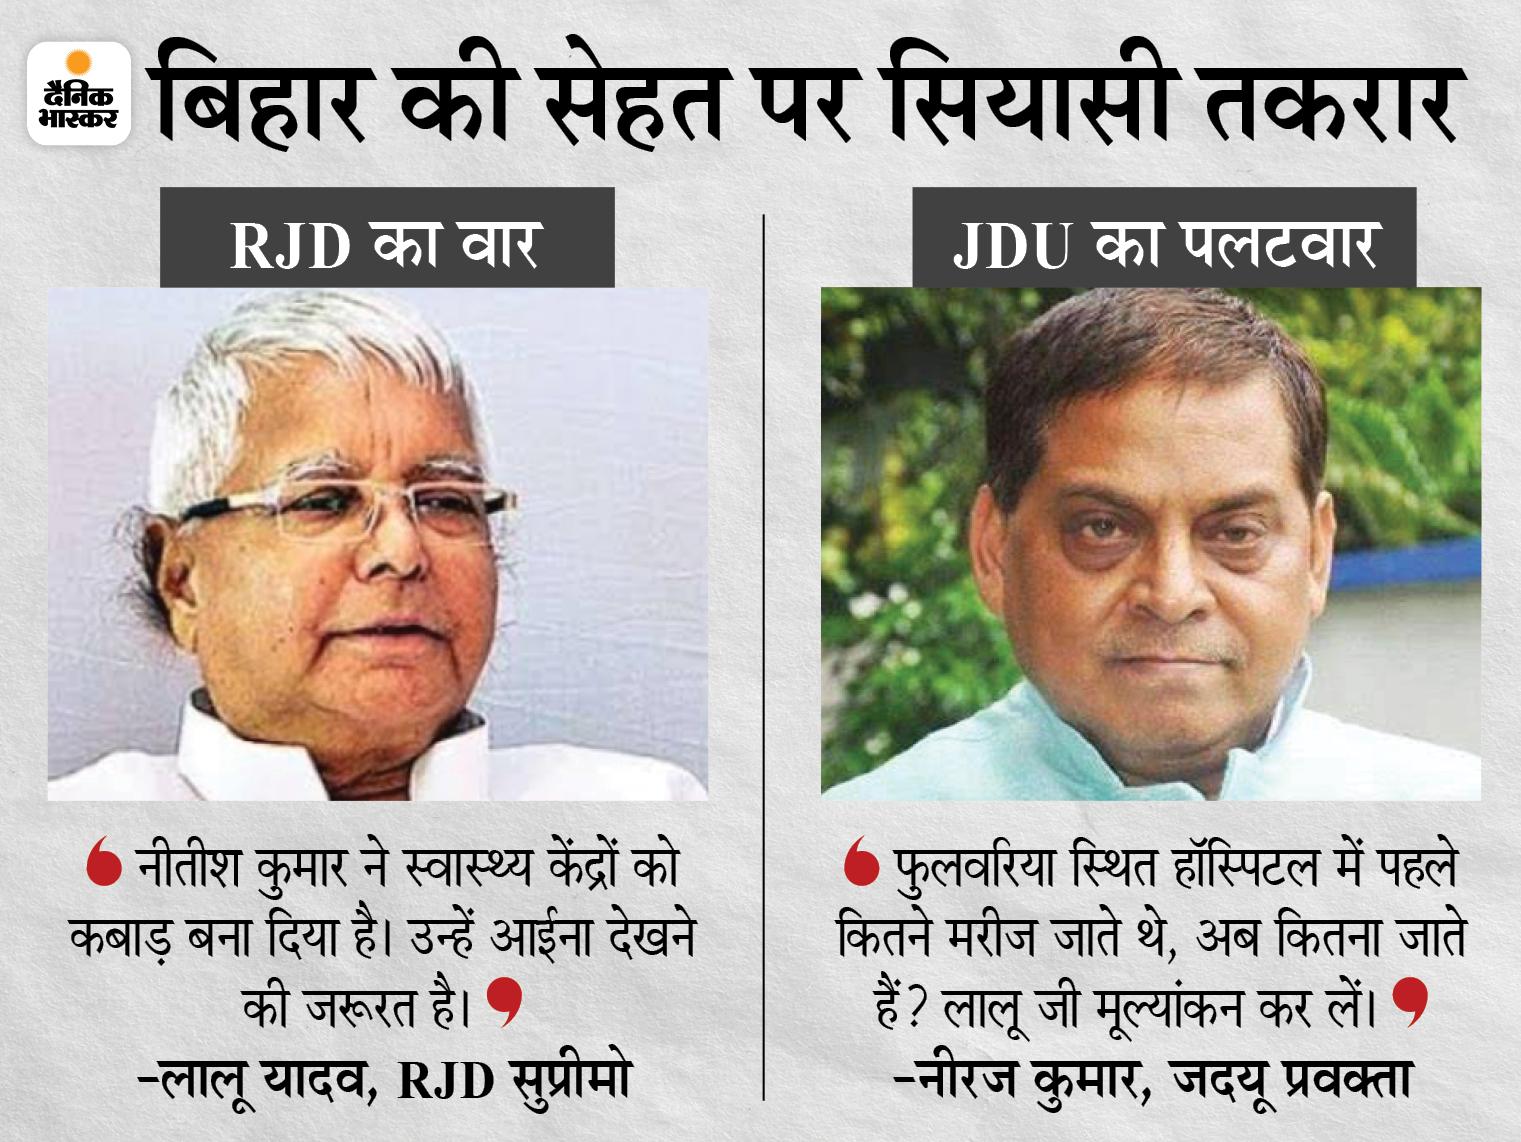 RJD सुप्रीमो ने कहा- सैकड़ों स्वास्थ्य केंद्र बंद कराने के लिए मुख्यमंत्री को नोबेलपुरस्कार मिलना चाहिए बिहार,Bihar - Dainik Bhaskar